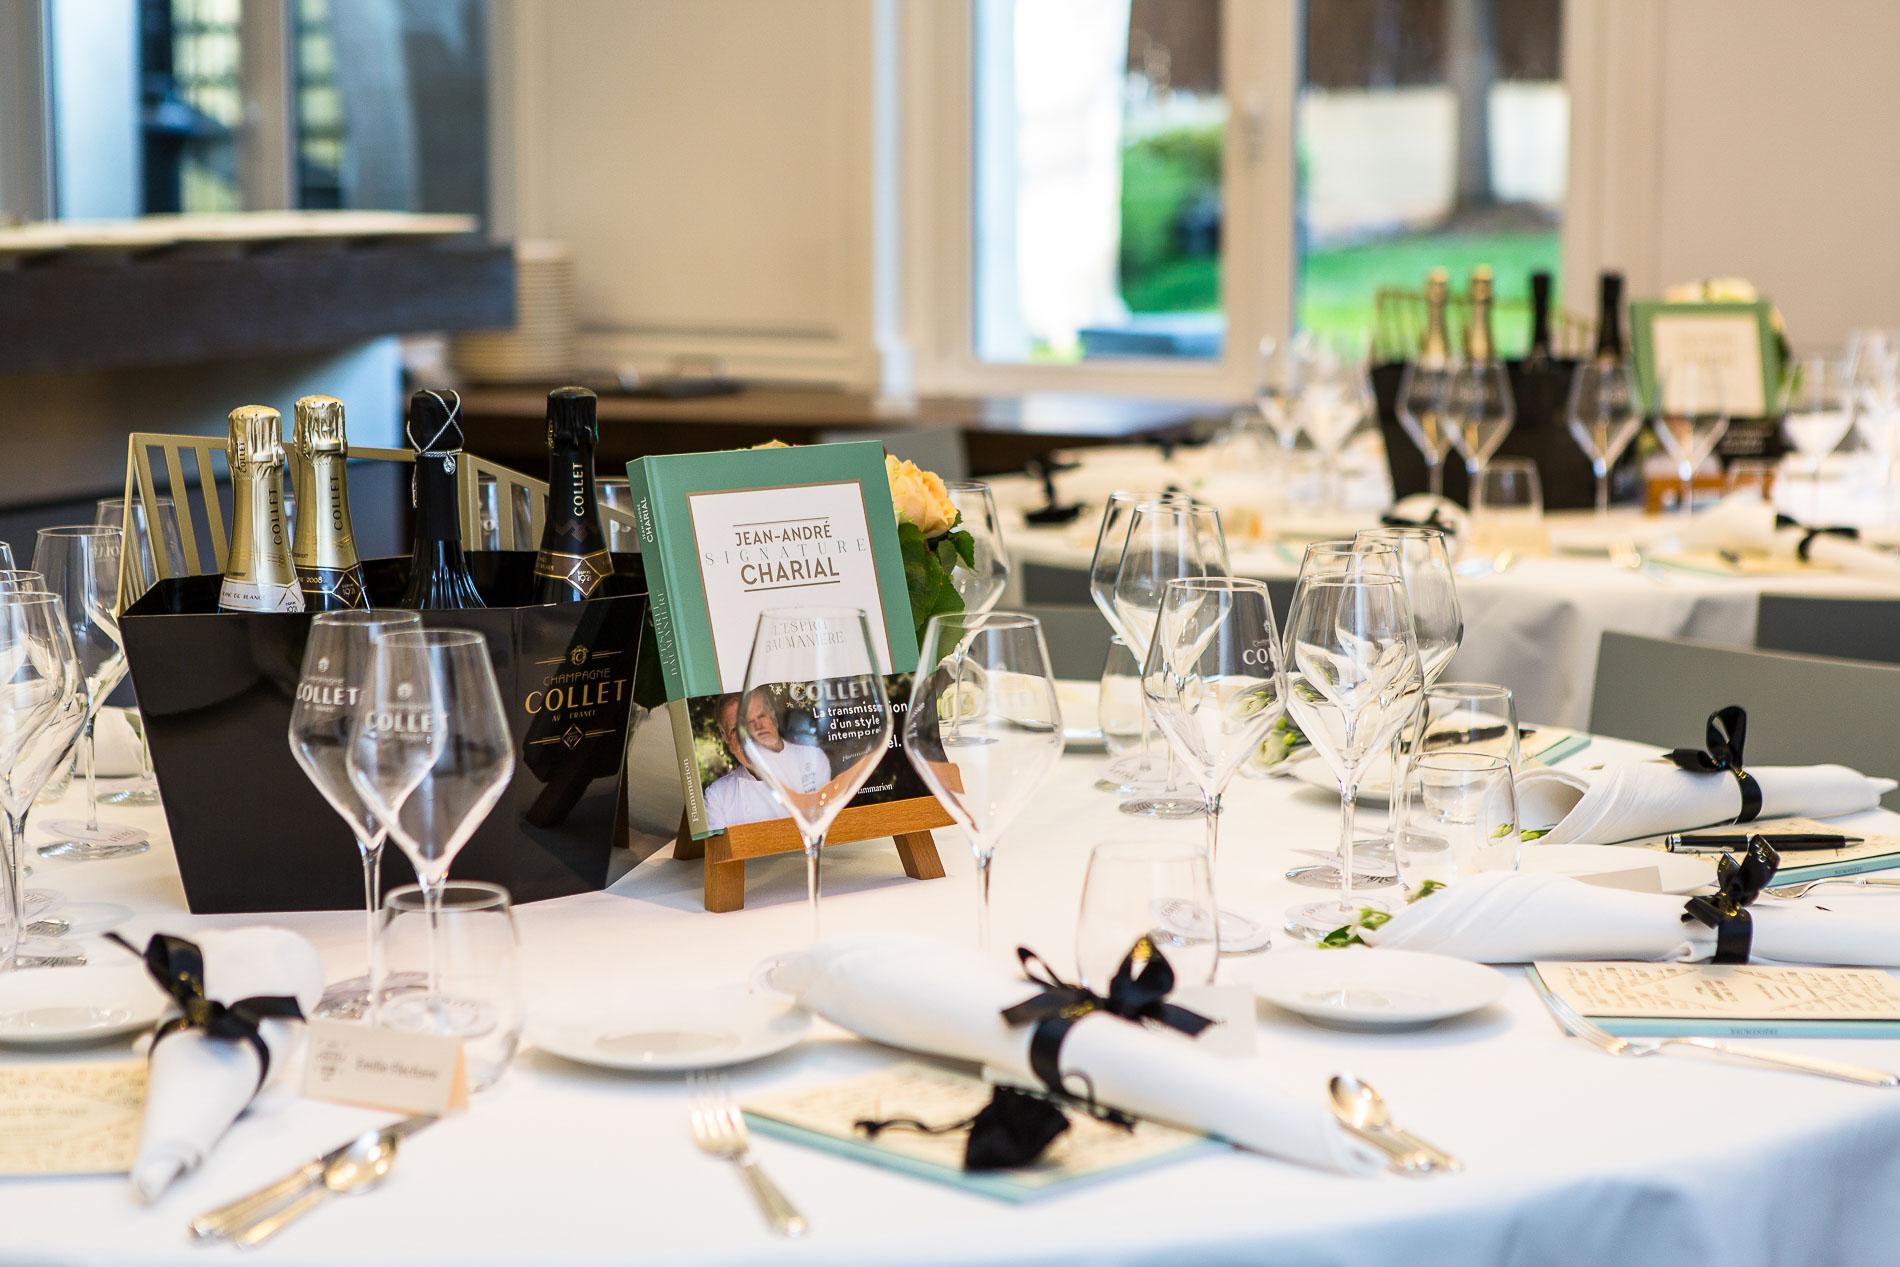 Si le mois de septembre est synonyme de rentrée des classes, il marque aussi la reprise des dîners organisés à Paris par le Champagne Collet pour décerner le Prix Champagne Collet du Livre de Chef, qui, chaque année depuis 2013, distingue l'ouvrage d'un chef. En 2018, Mauro Colagreco, 3-étoiles Michelin et meilleur restaurant du monde selon les 50 Best, avait été récompensé pour son livre « Mirazur » aux éditions Alain Ducasse.